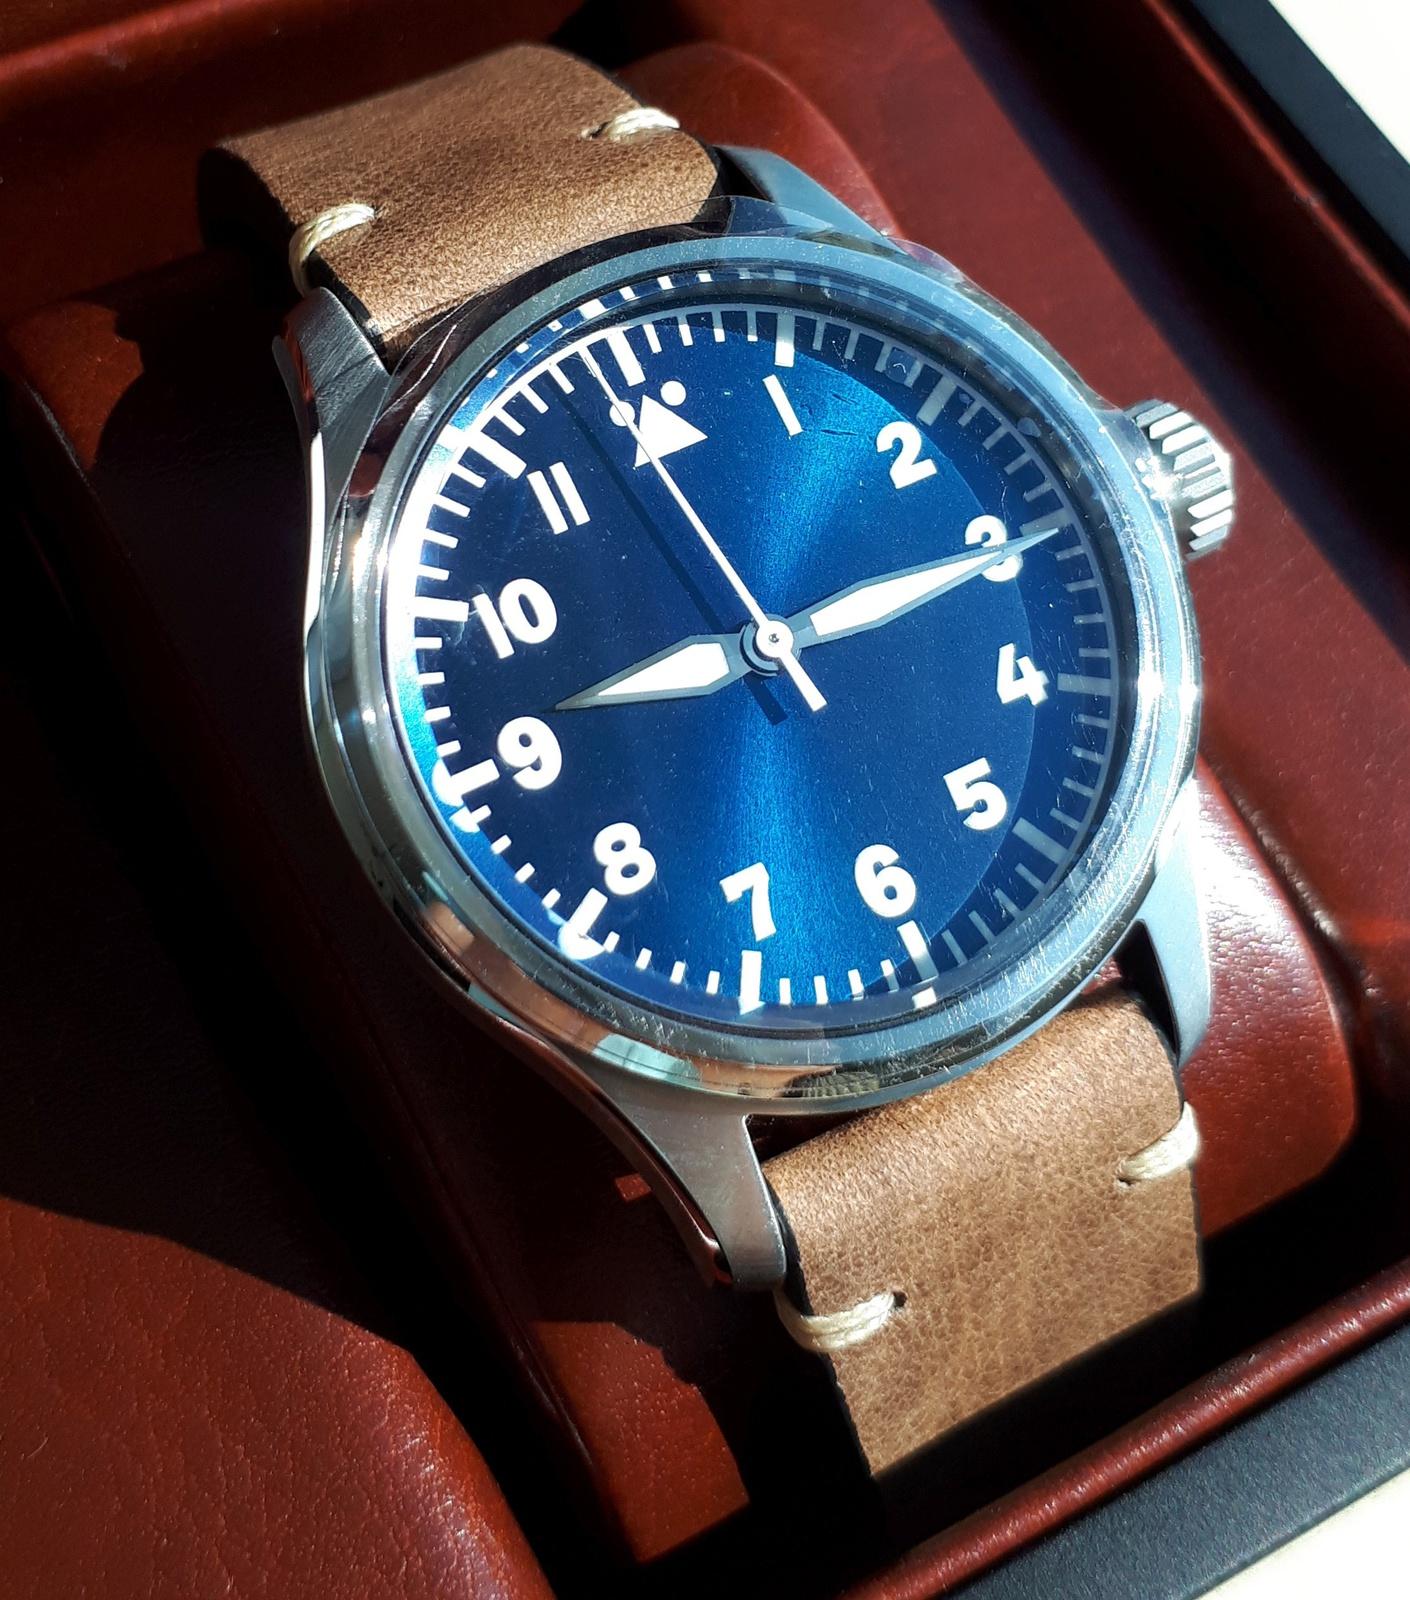 Un avis sur la marque geckota et ce modele de montre en particulier ? - Page 3 2048749d1532620753t-neue-uhr-watchgecko-geckota-k01-pilots-eta-driven-20180726-geckota-eta-blue-02